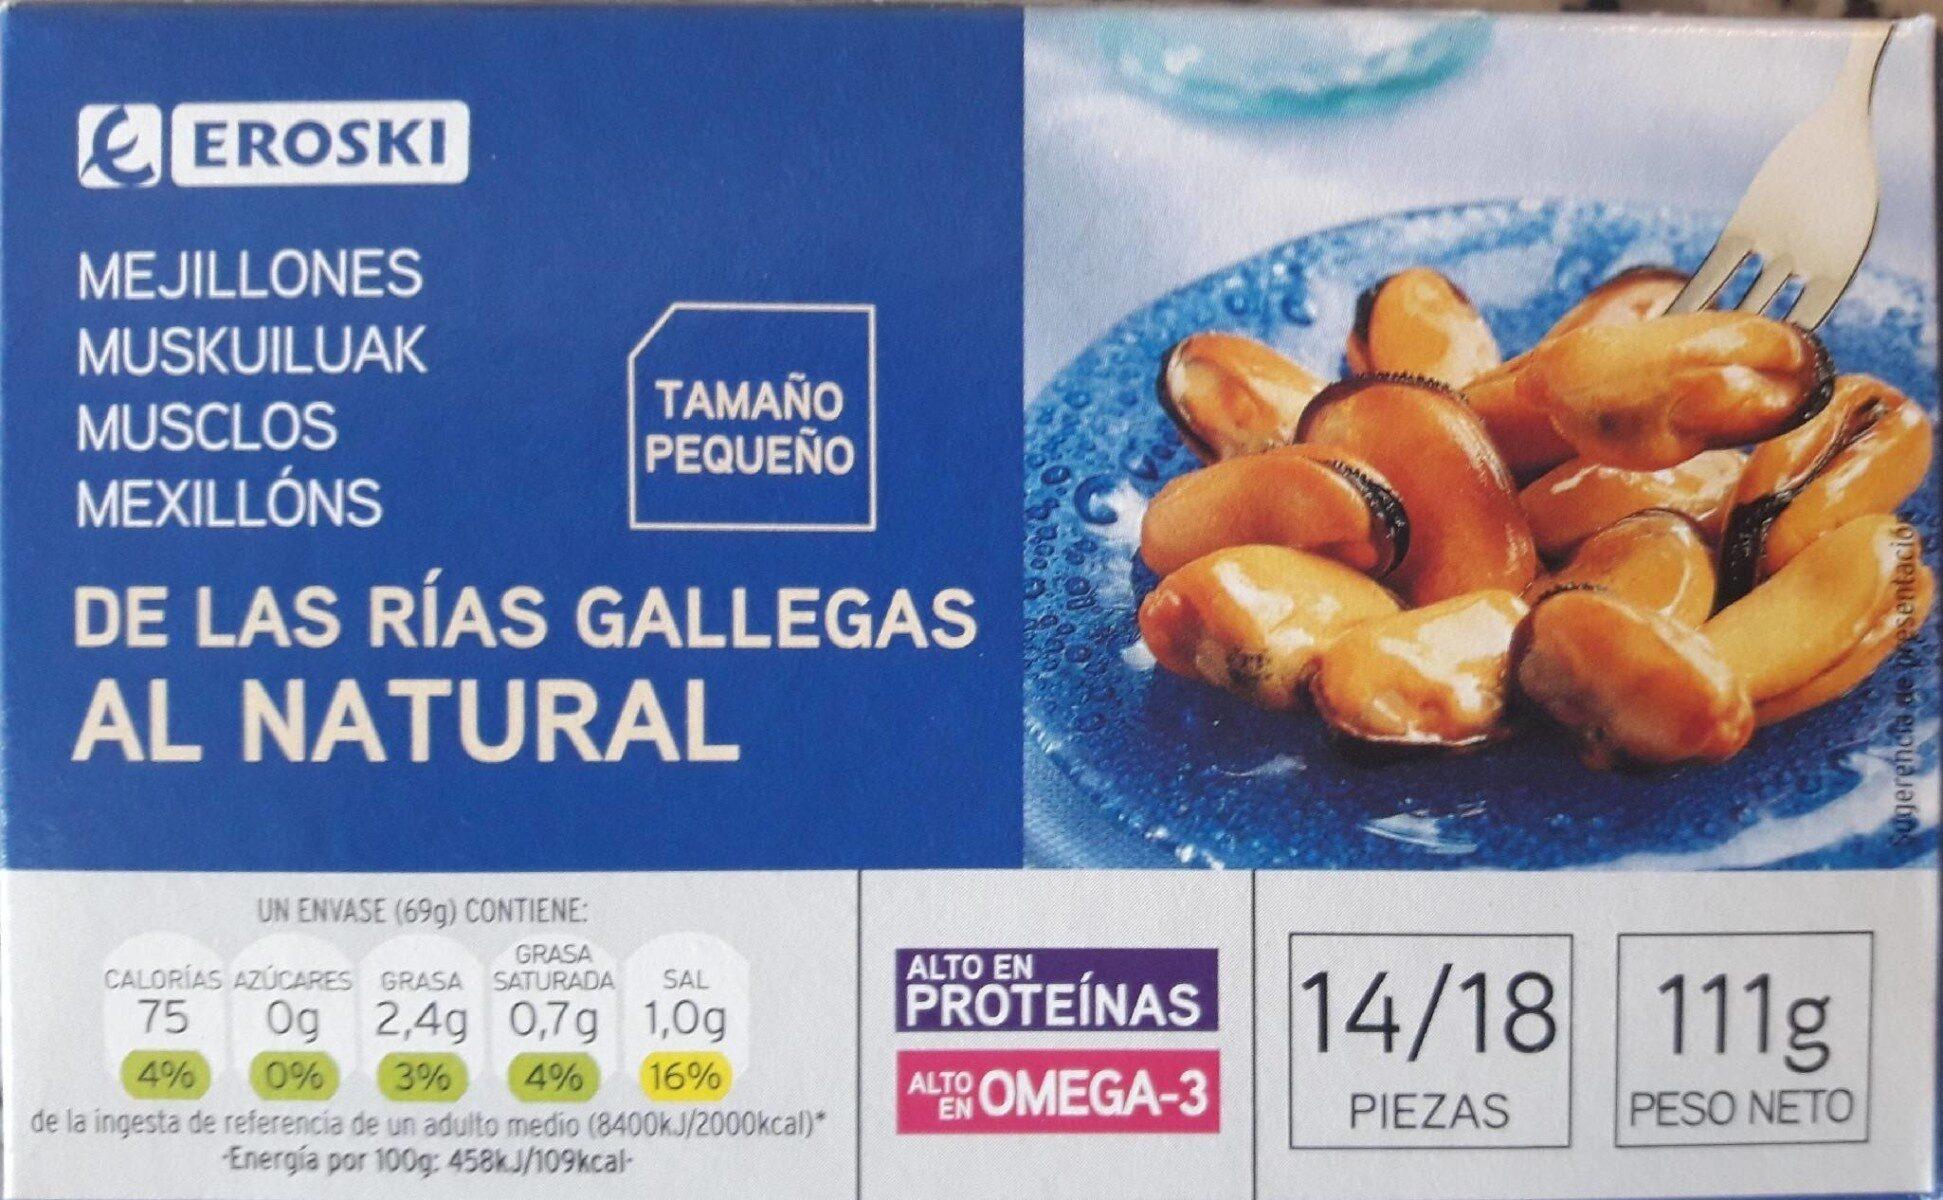 Mejillones de las rías gallegas al natural - Producte